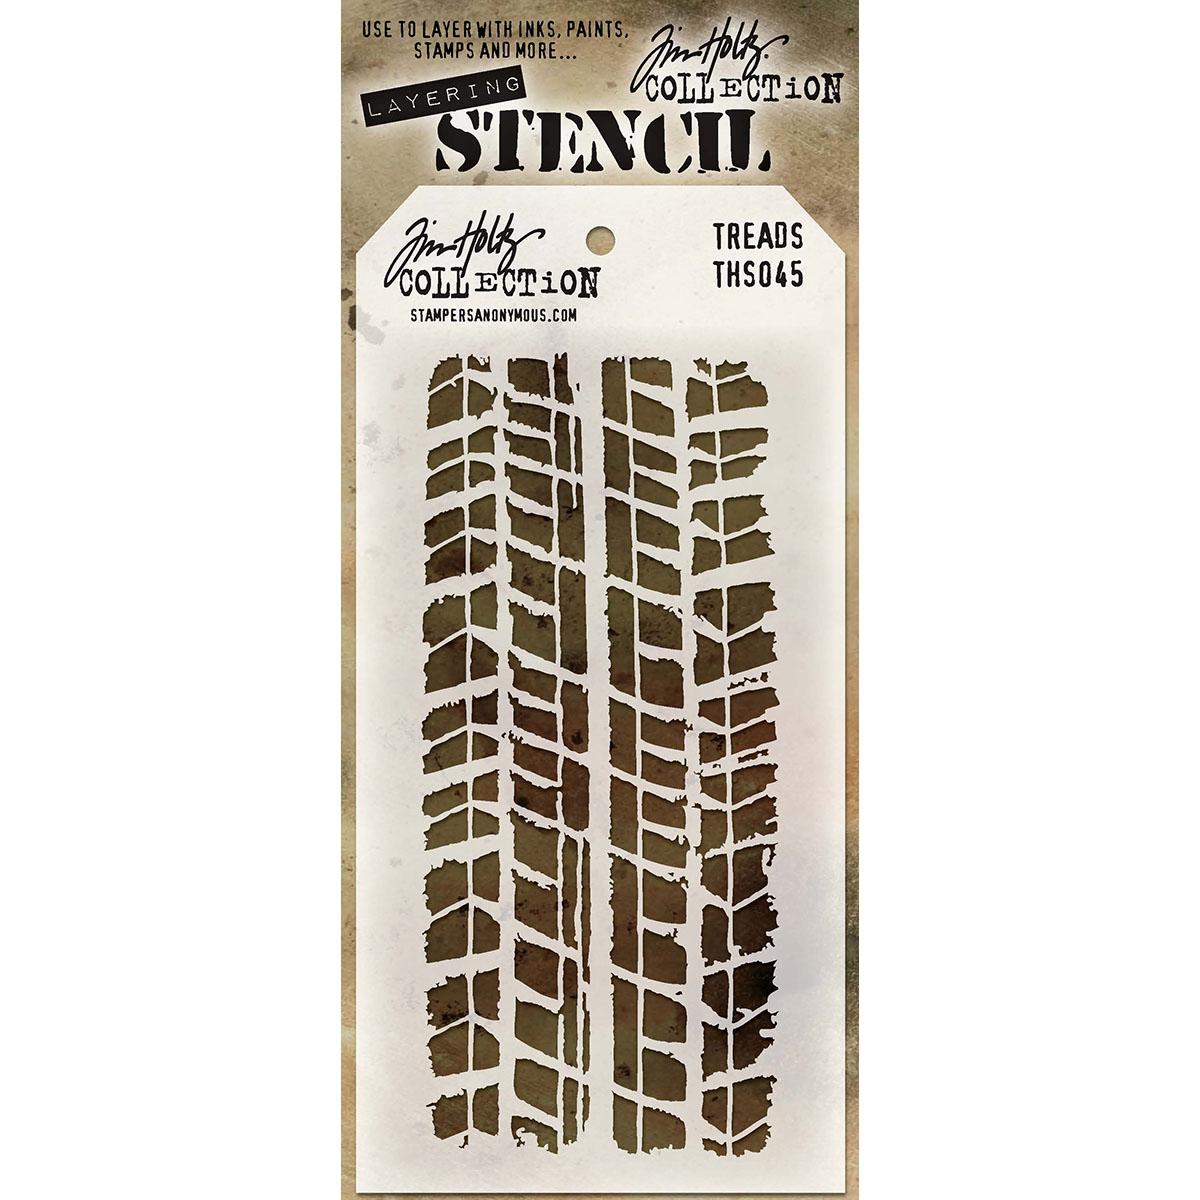 Tim Holtz Layered Stencil 4.125X8.5-Treads